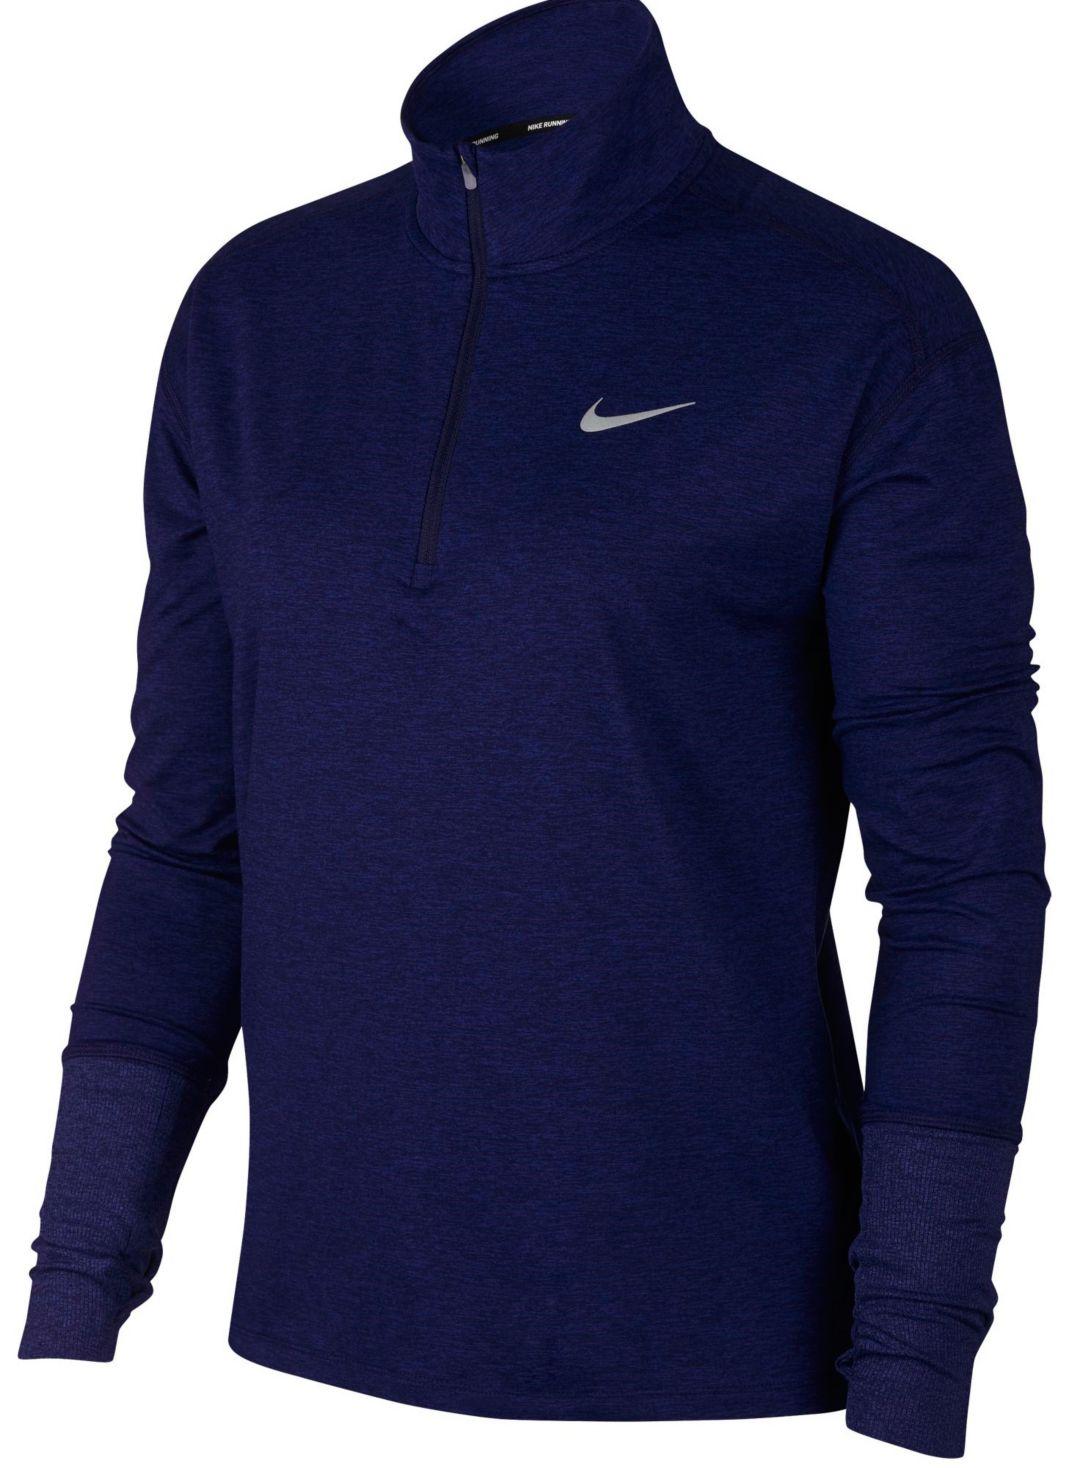 2c45a28f5 Nike Women's Element Half-Zip Running Pullover. noImageFound. Previous